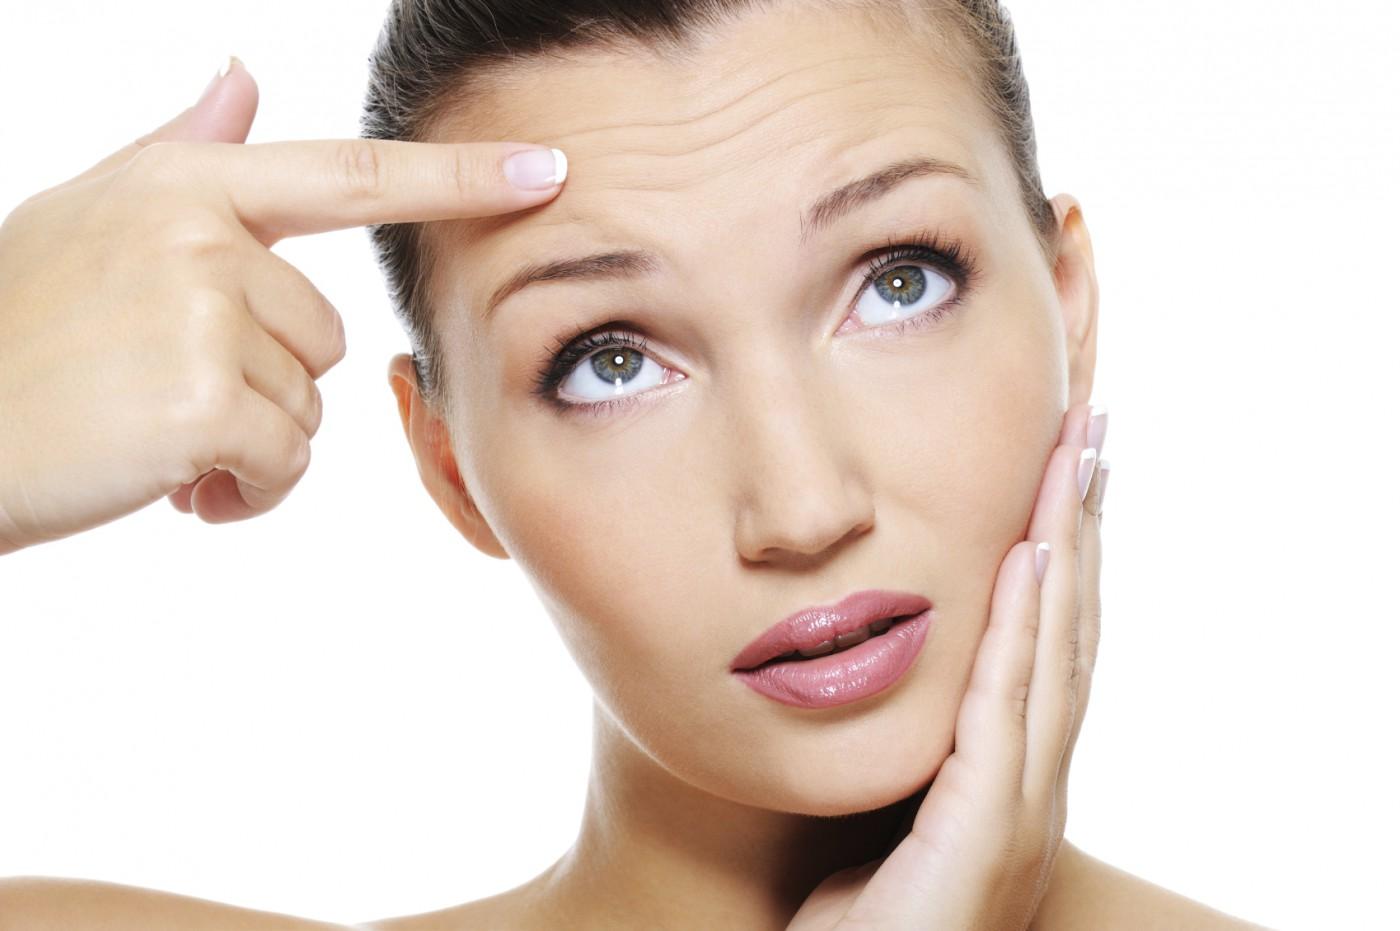 Уход за кожей требует внимания и аккуратности